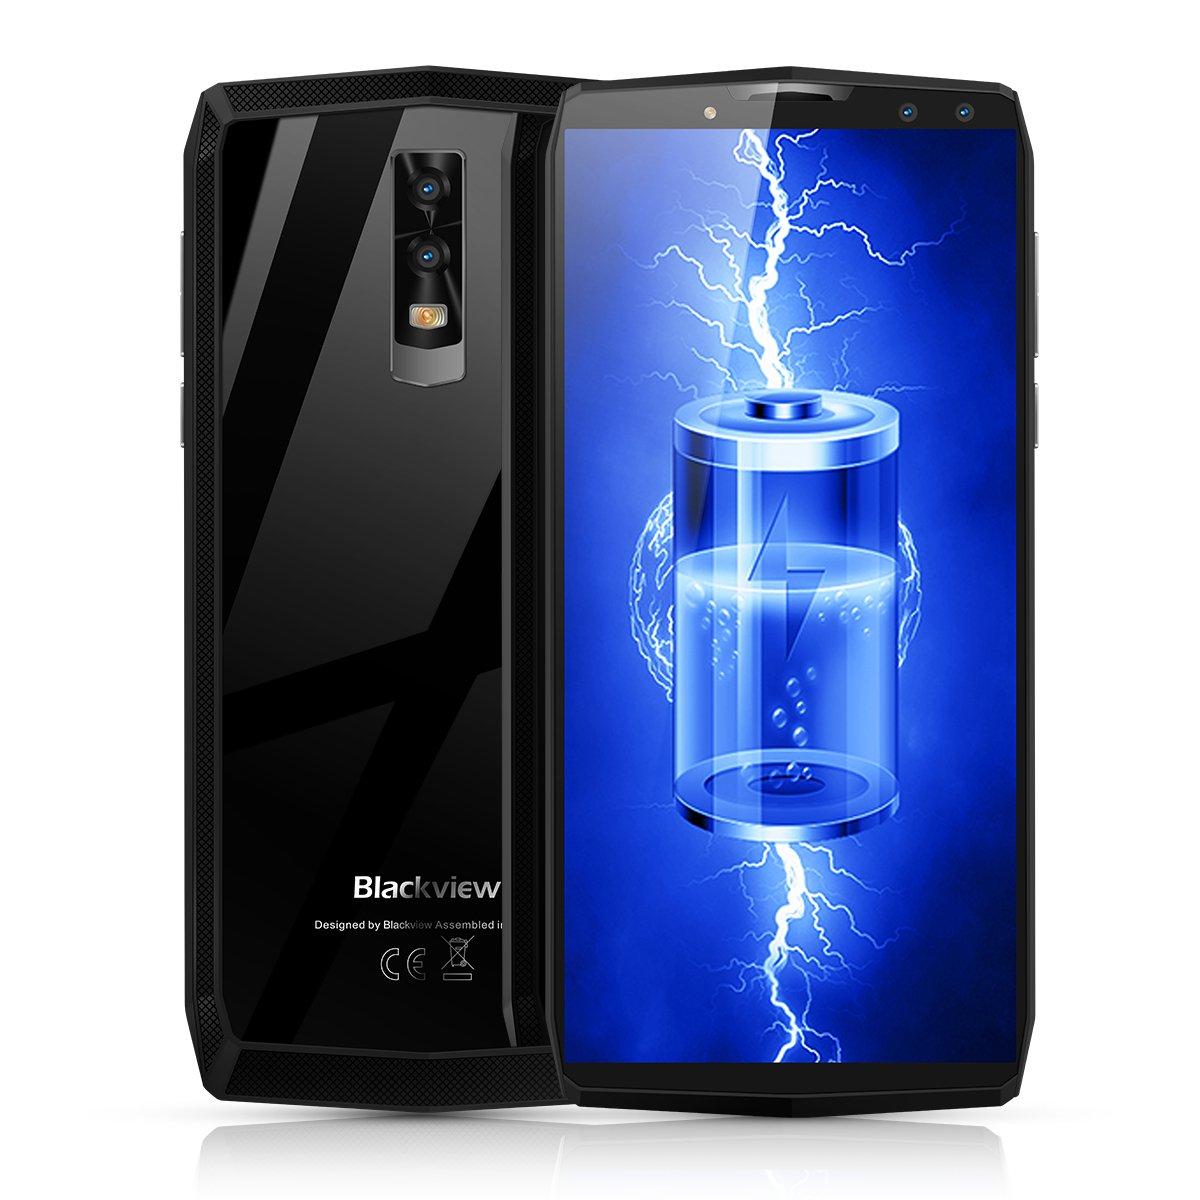 Blackview P10000 Pro - 6インチFHD +(18:9の比率、2160 * 1080 p)Android 4Gスマートフォン、11000mAバッテリー、MTK6763 Octa Core 2.0GHz 4GB + 64GB、クワッドカメラ、顔認識、Type-C、GPS - ミラーグレー B07BV6XKHN